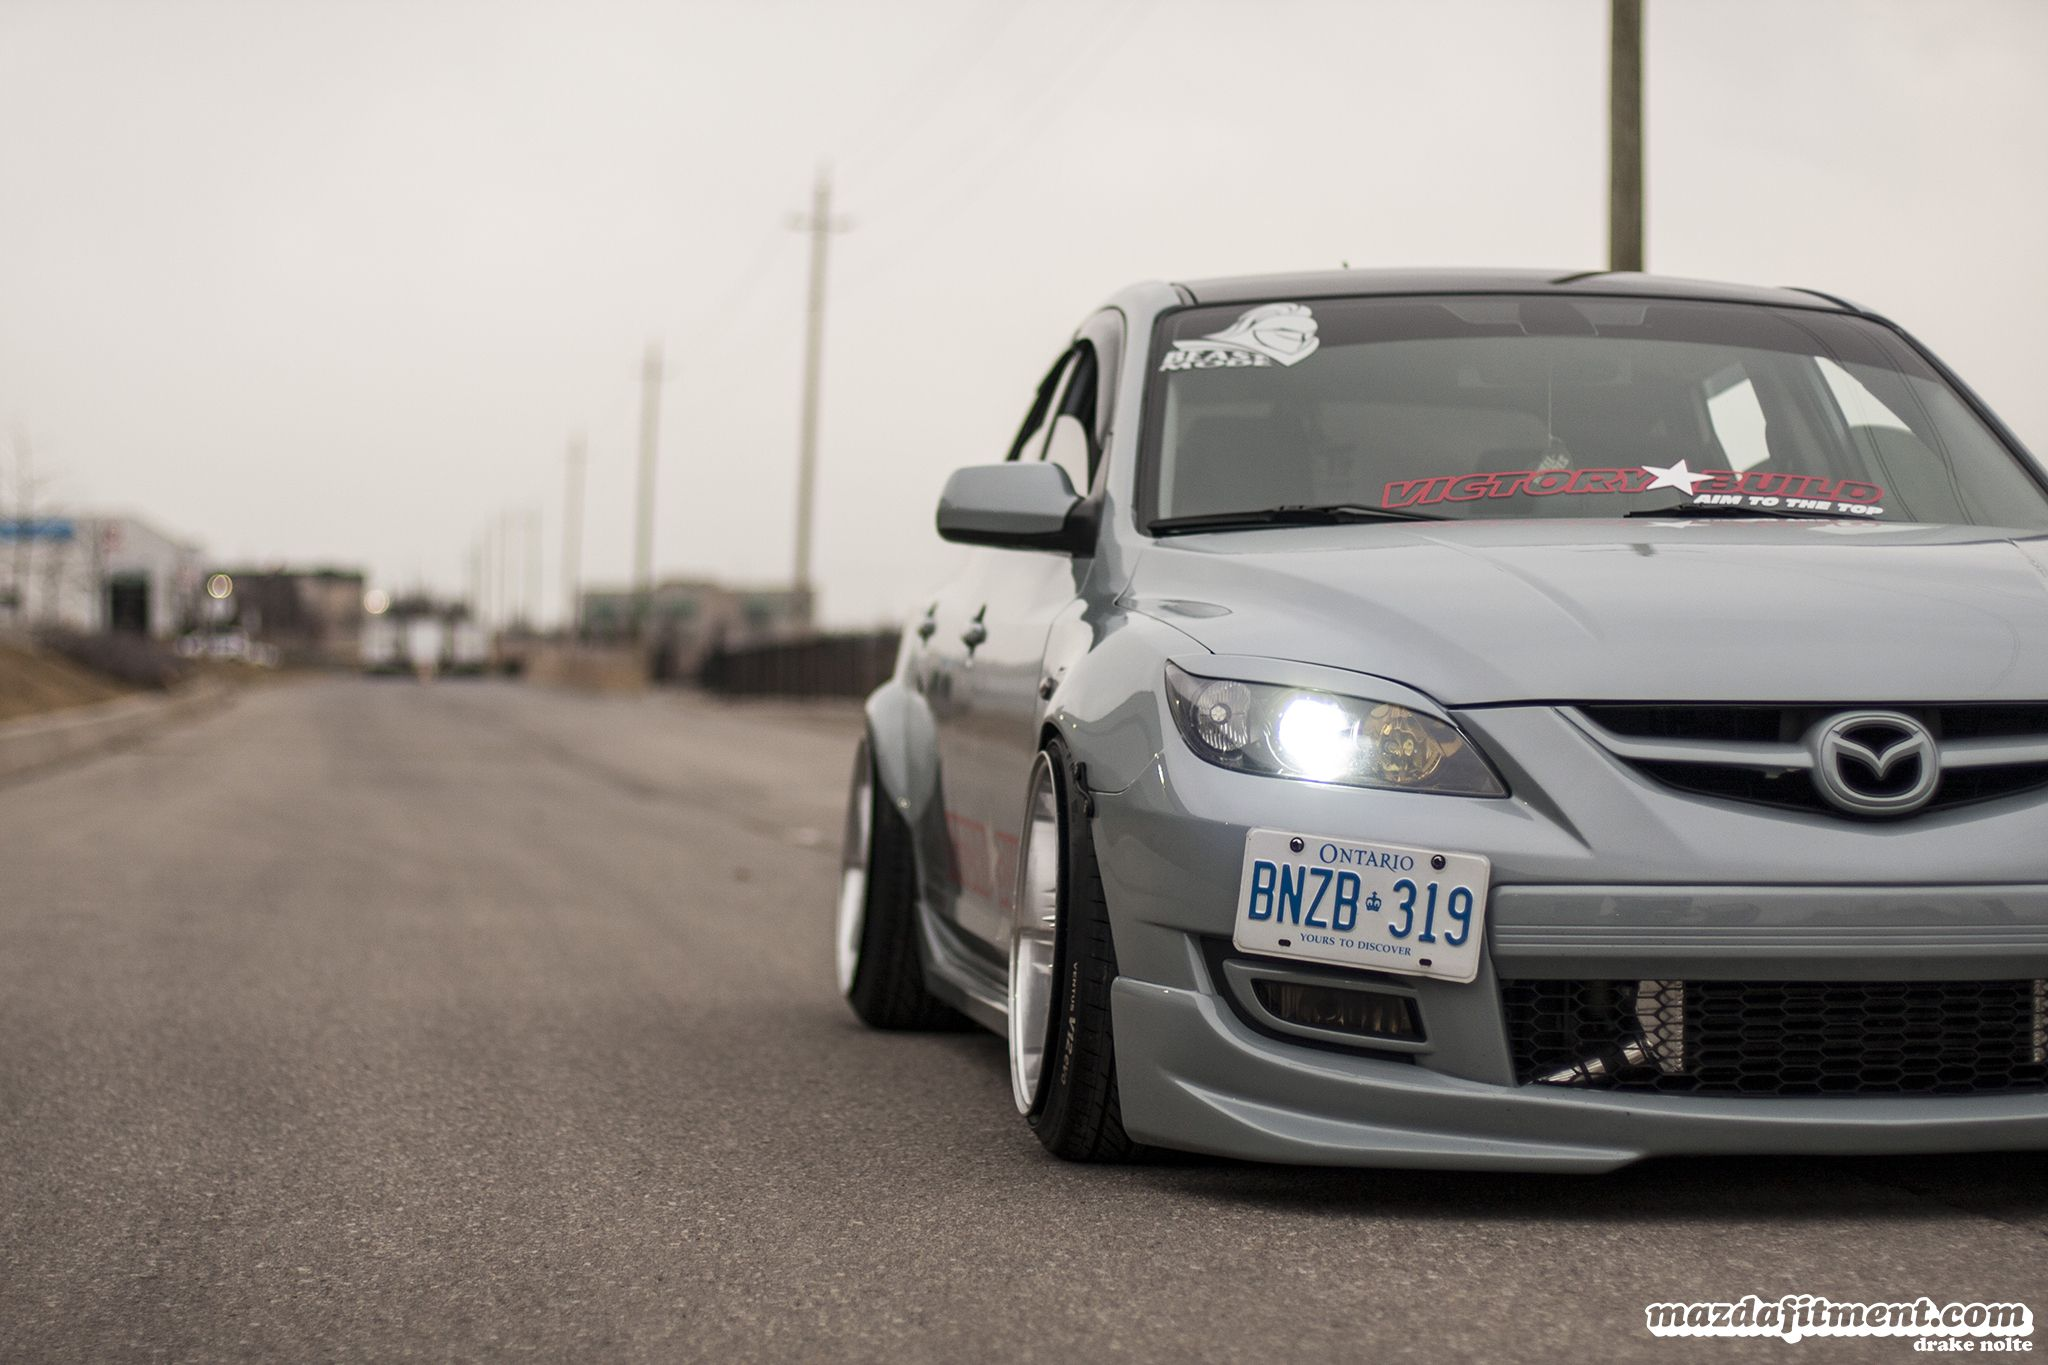 Trevor's MS3 Mazda cars, Mazda, Mazda 3 hatchback